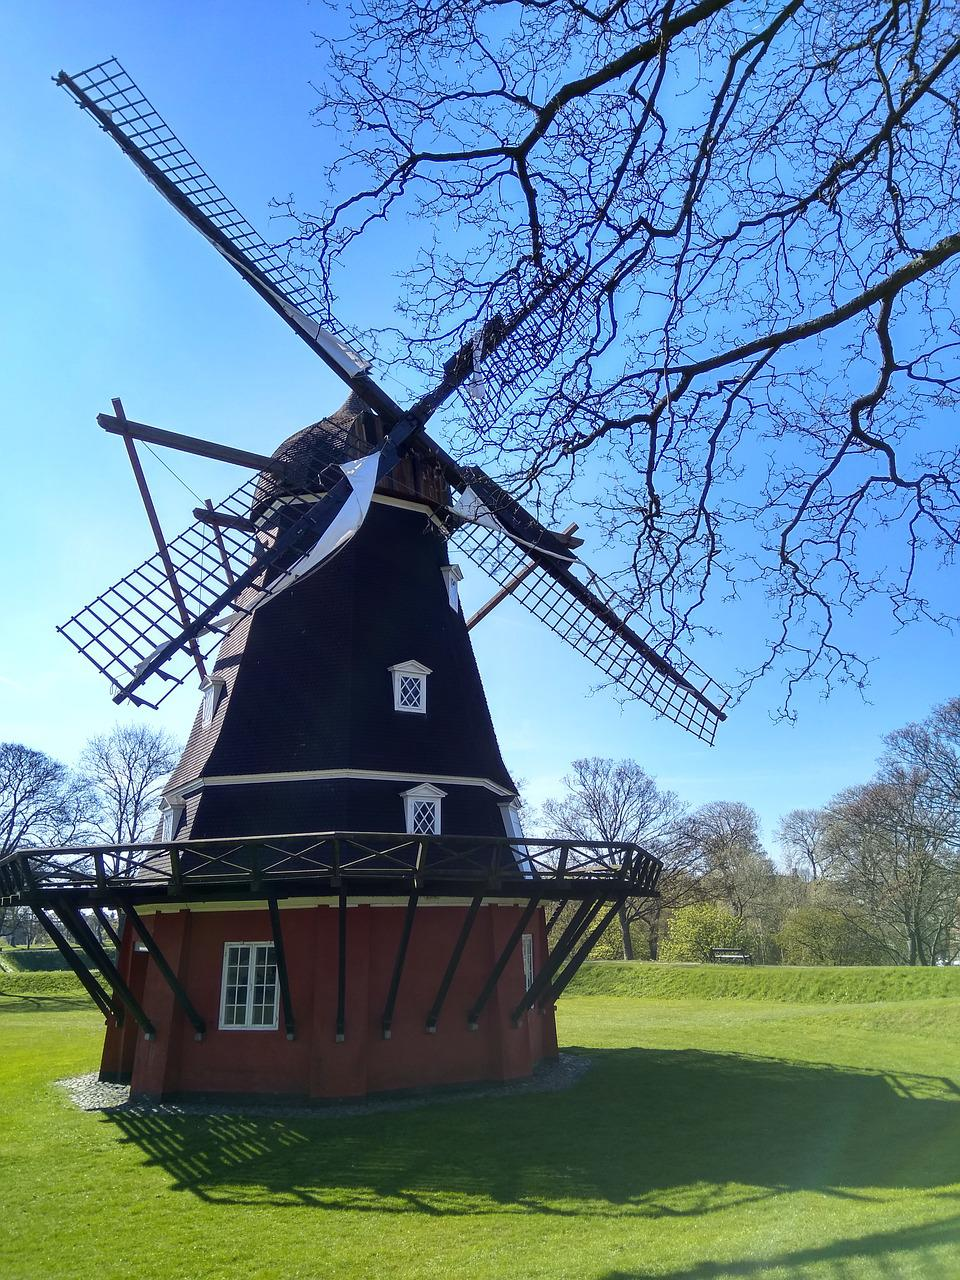 французский маникюр картинки первые ветряные мельницы в европе будущем это